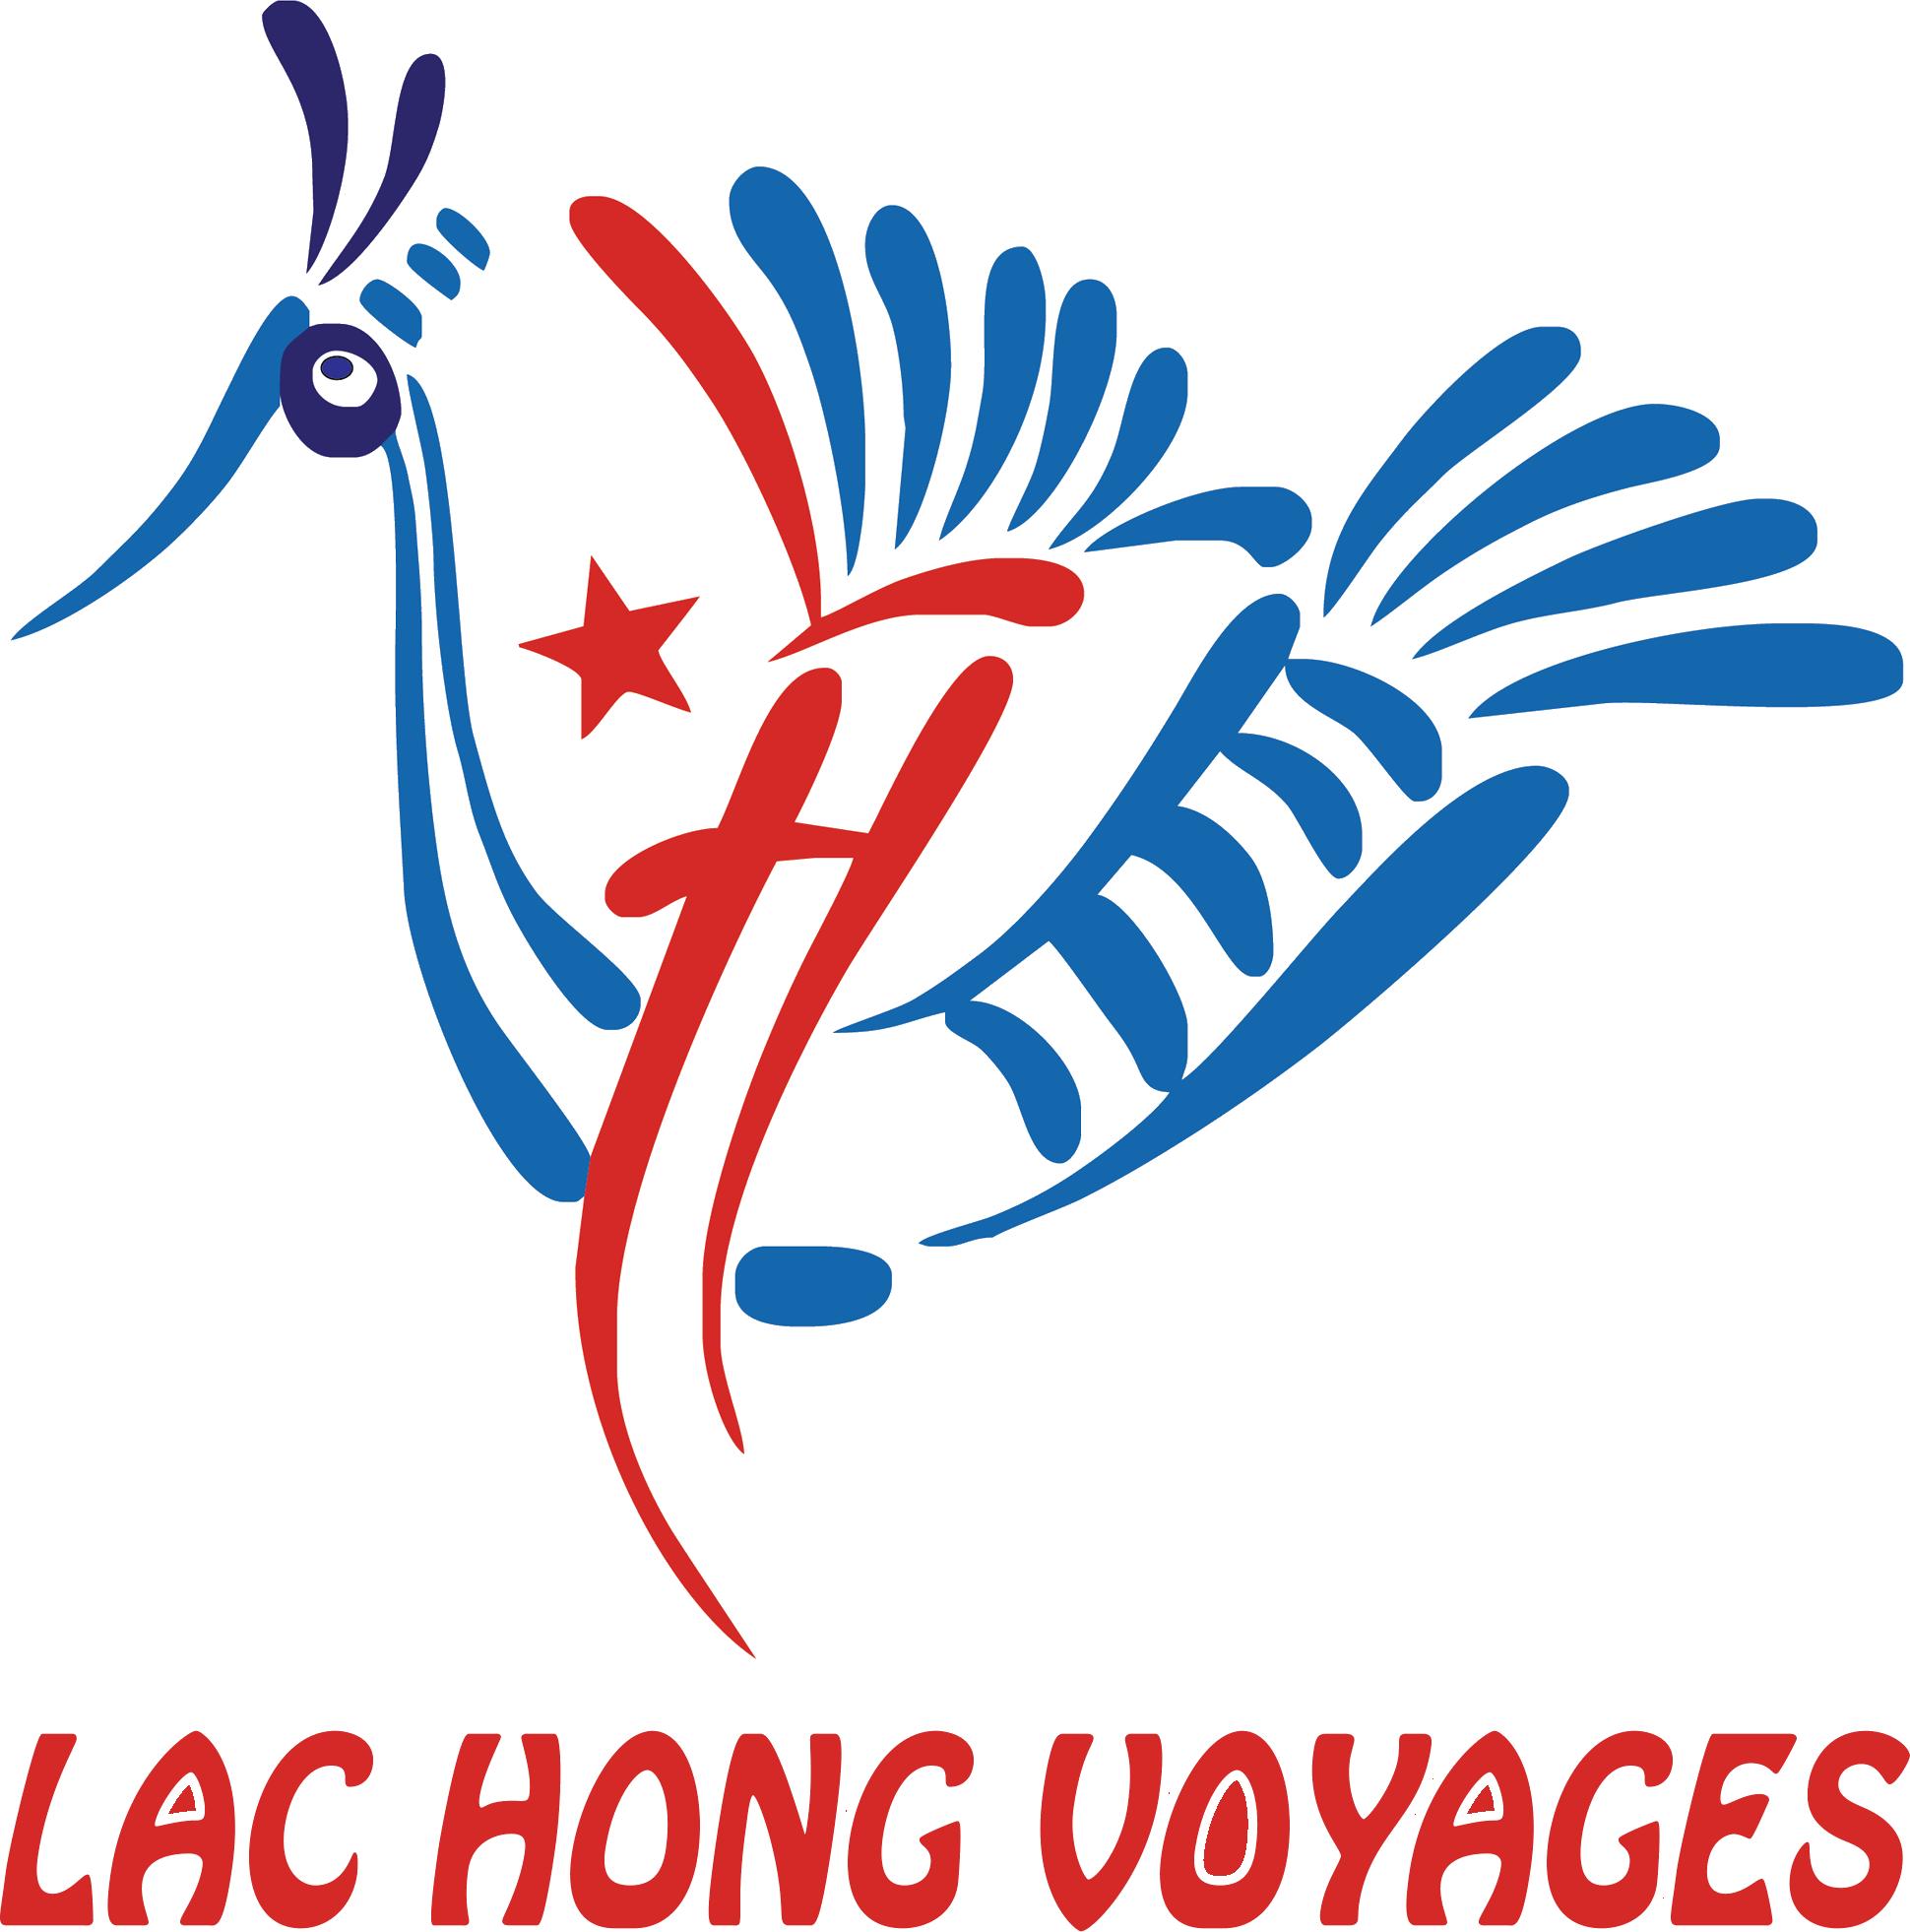 Lac Hong Voyages Co Ltd